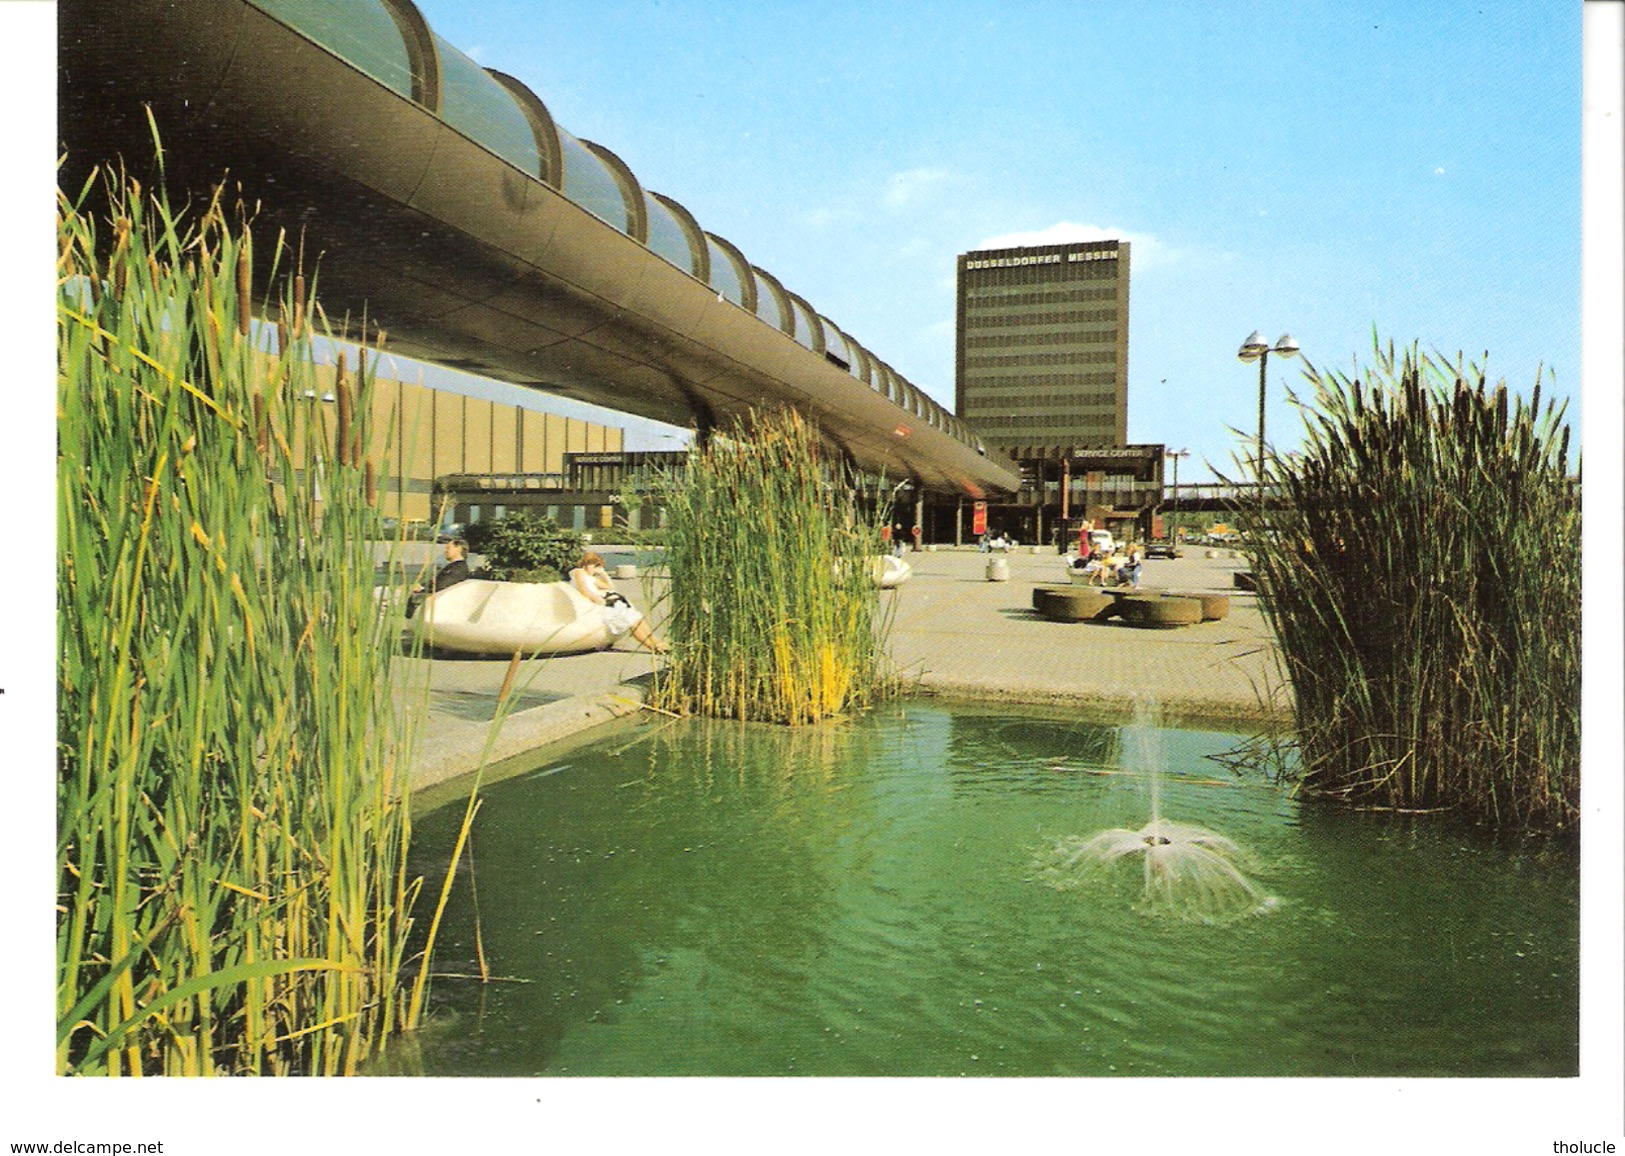 Düsseldorf-(Rhénanie Du Nord-Wesphalie-Deutschland)-Messe-und Kongress-Zentrum-Verlag Hans Georgi, 4 Düsseldorf - Düsseldorf